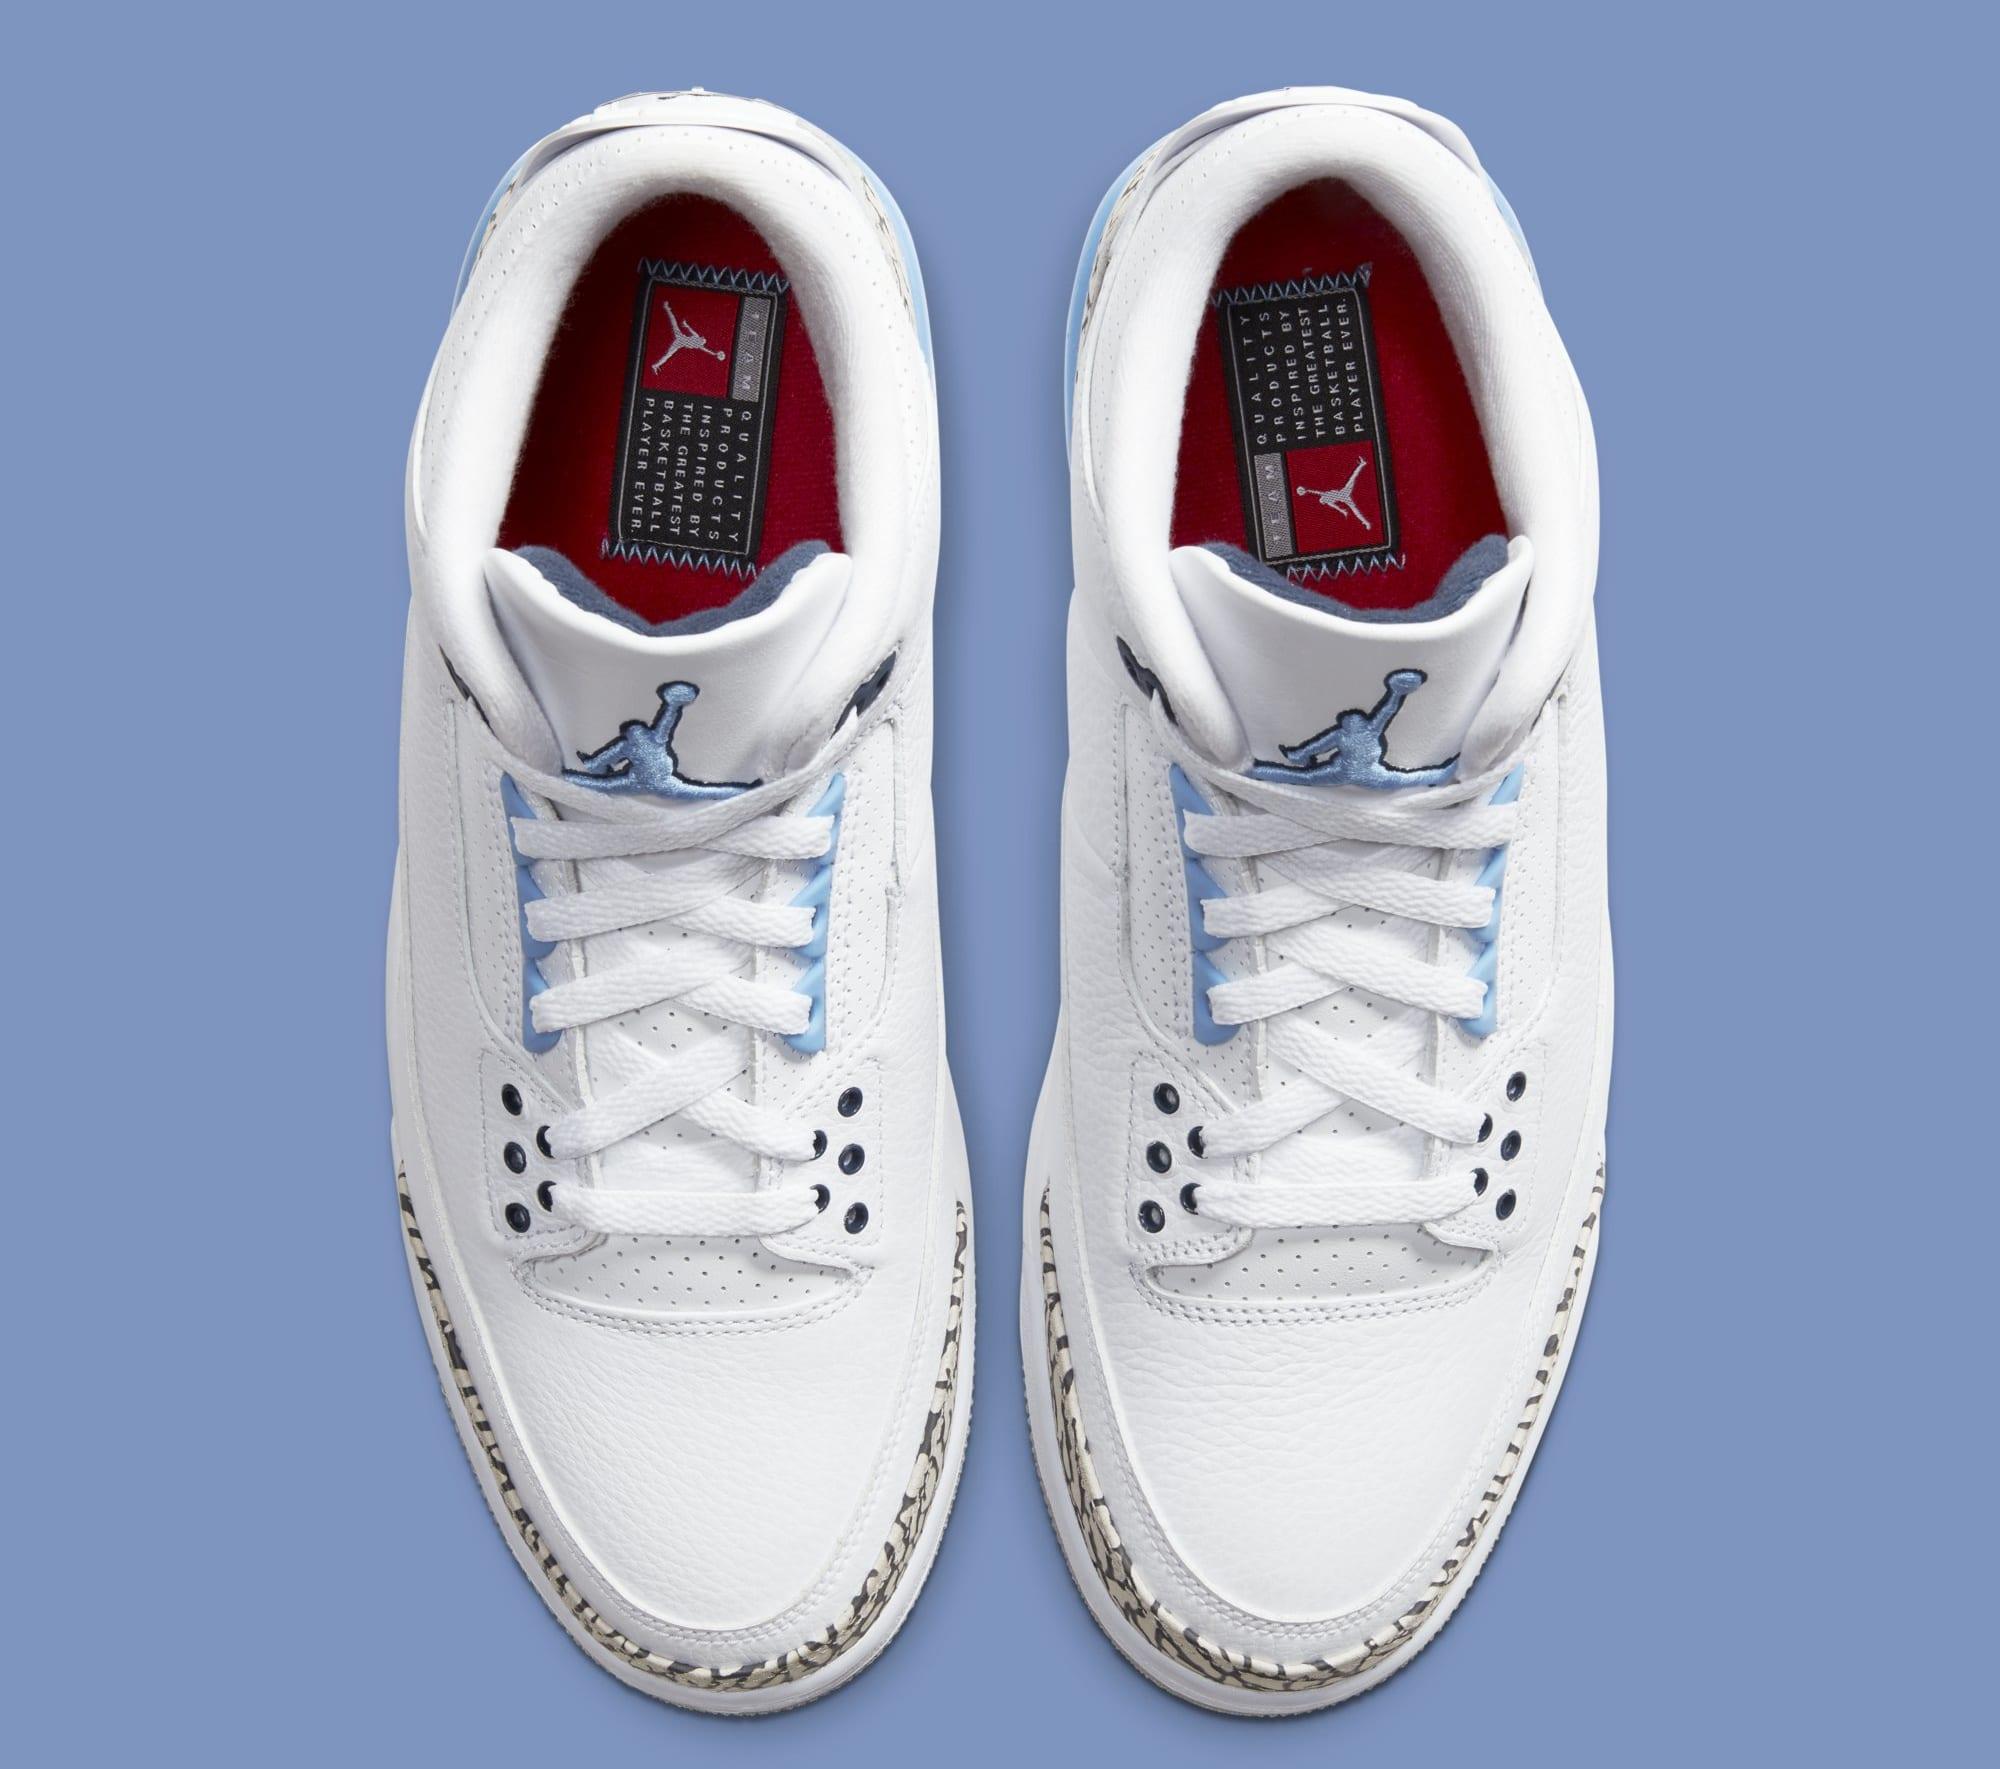 Air Jordan 3 'UNC' CT8532-104 (Top)